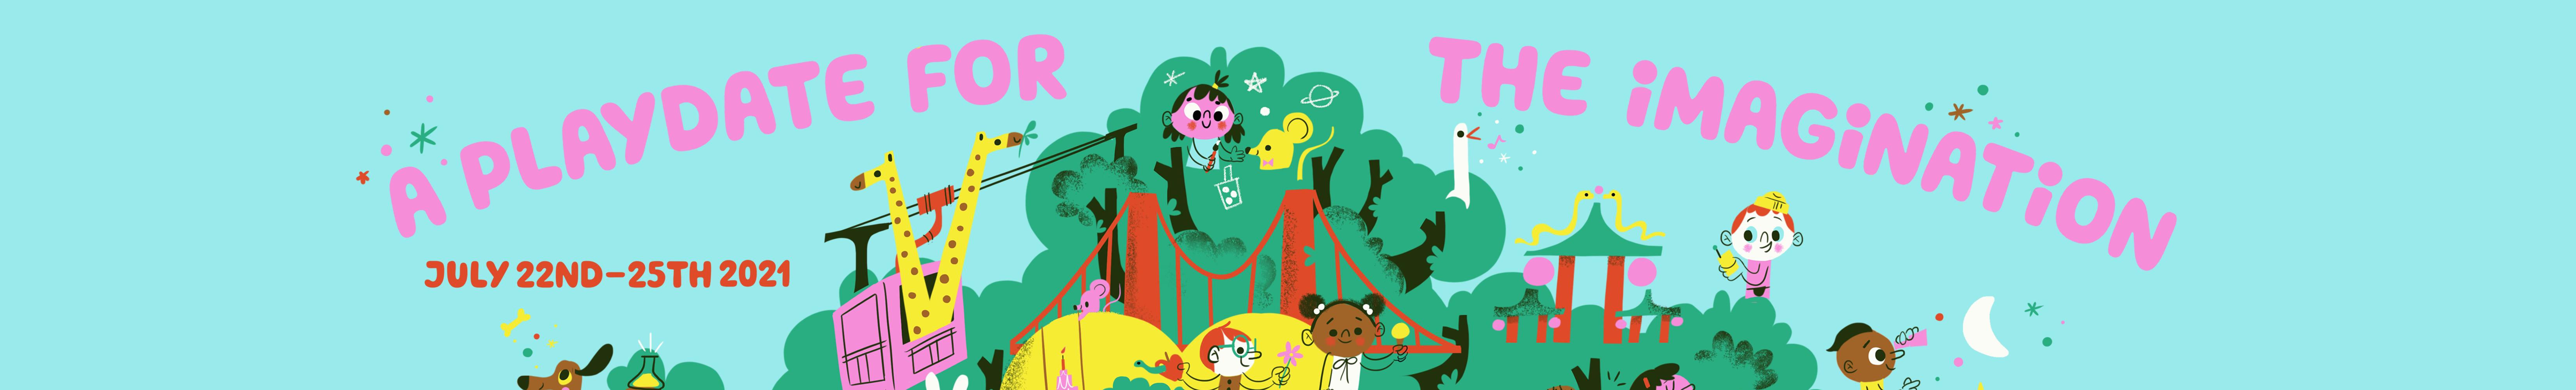 Bay Area International Children's Film Festival 2021